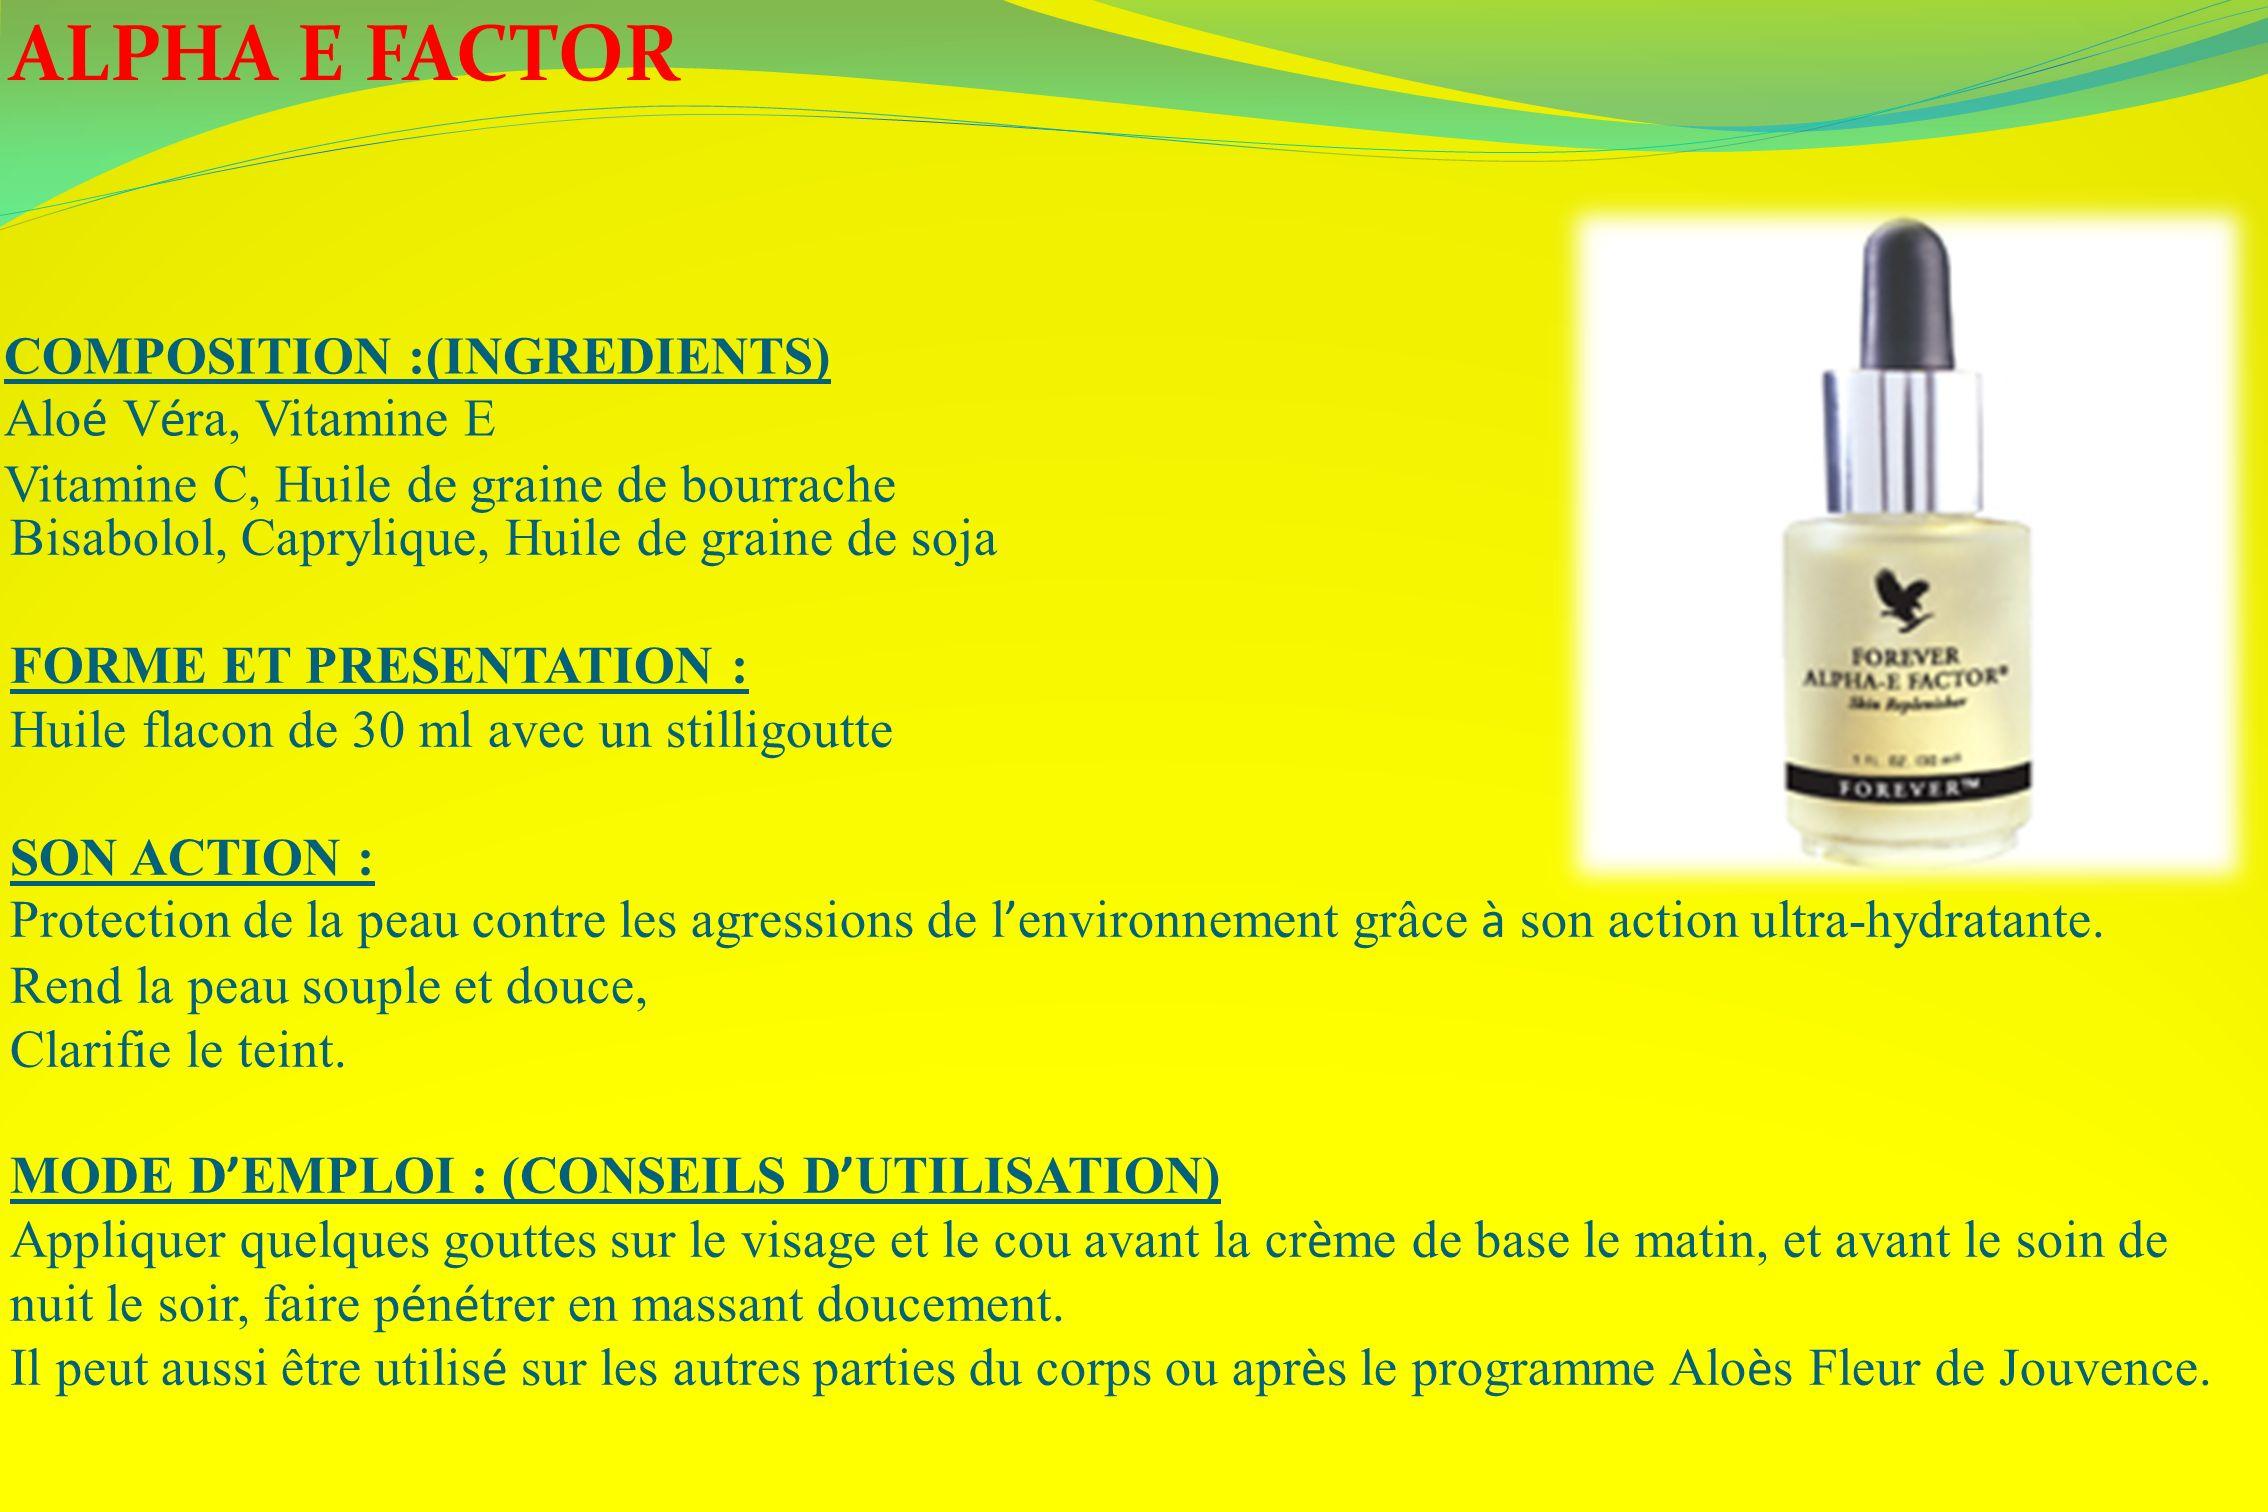 ALPHA E FACTOR COMPOSITION :(INGREDIENTS) Alo é V é ra, Vitamine E Vitamine C, Huile de graine de bourrache Bisabolol, Caprylique, Huile de graine de